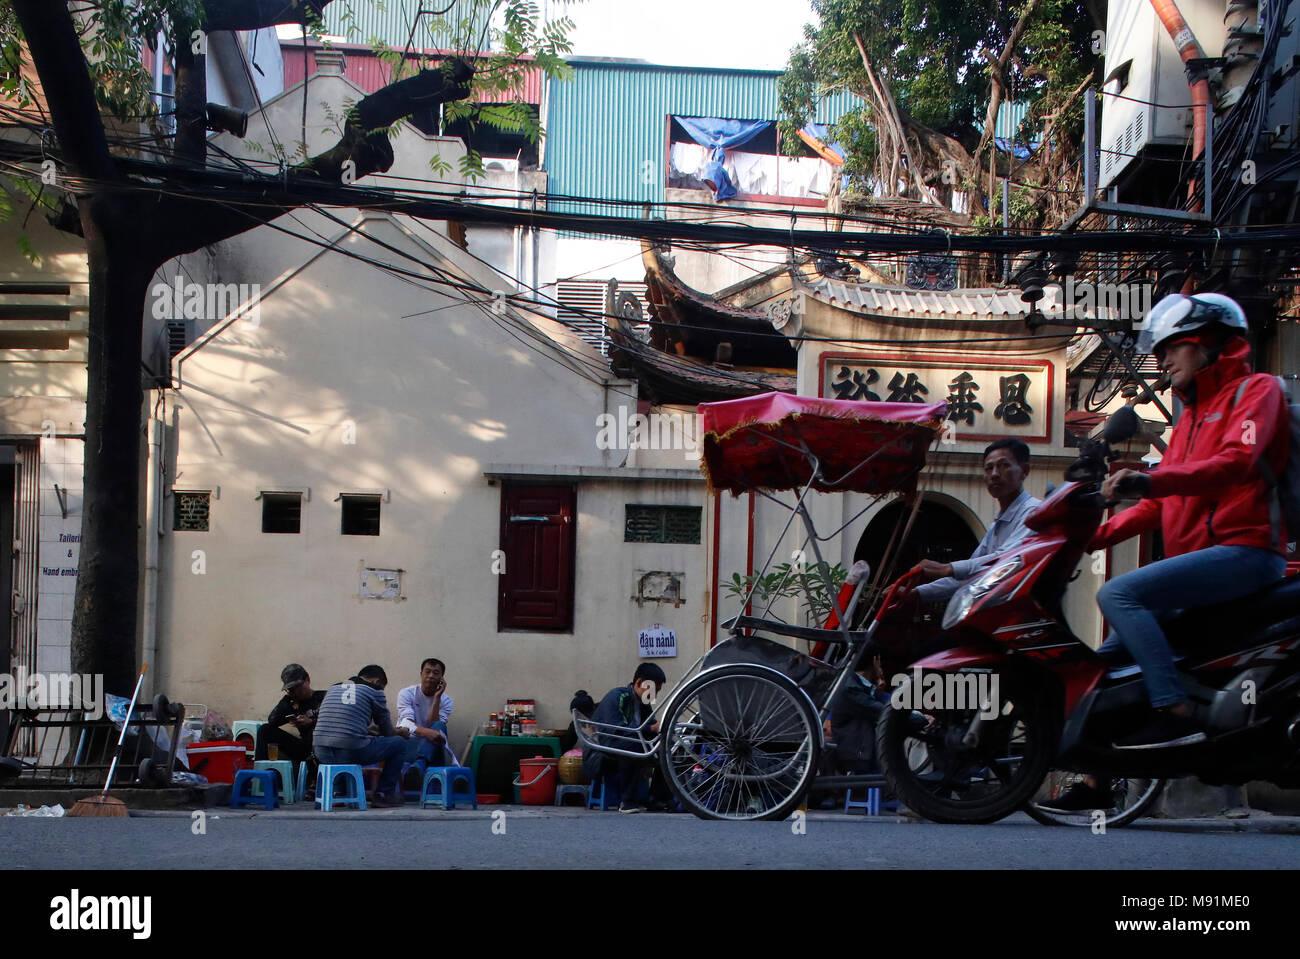 Tipica strada del quartiere vecchio di Hanoi. Caotica vita di strada di traffico. Il Vietnam. Immagini Stock